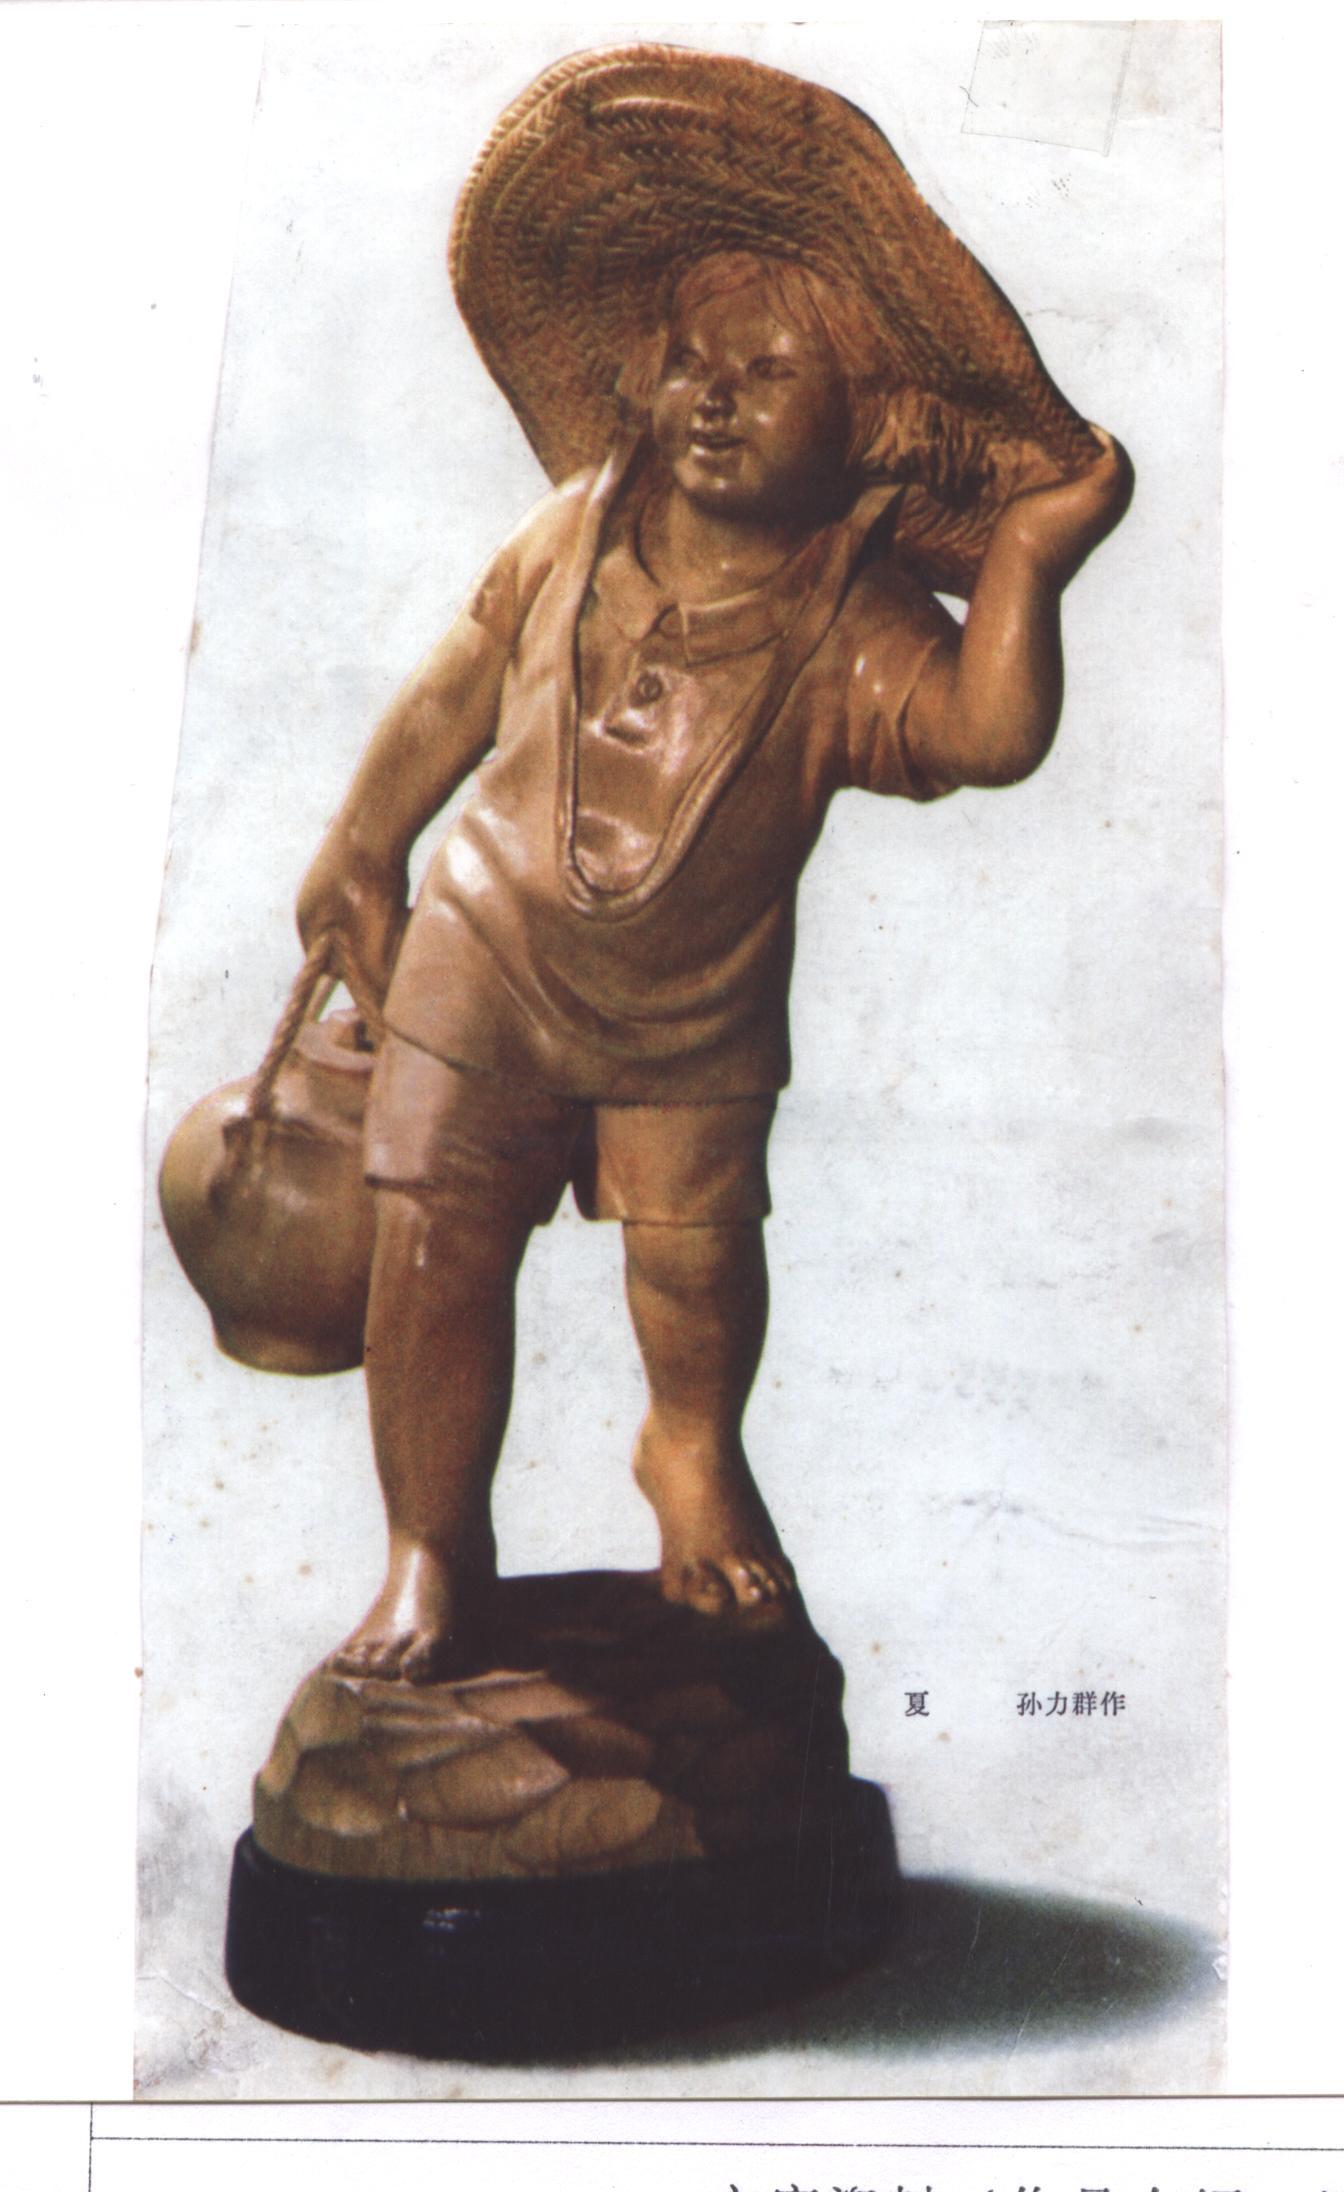 杭州庸匠雕塑艺术工作室